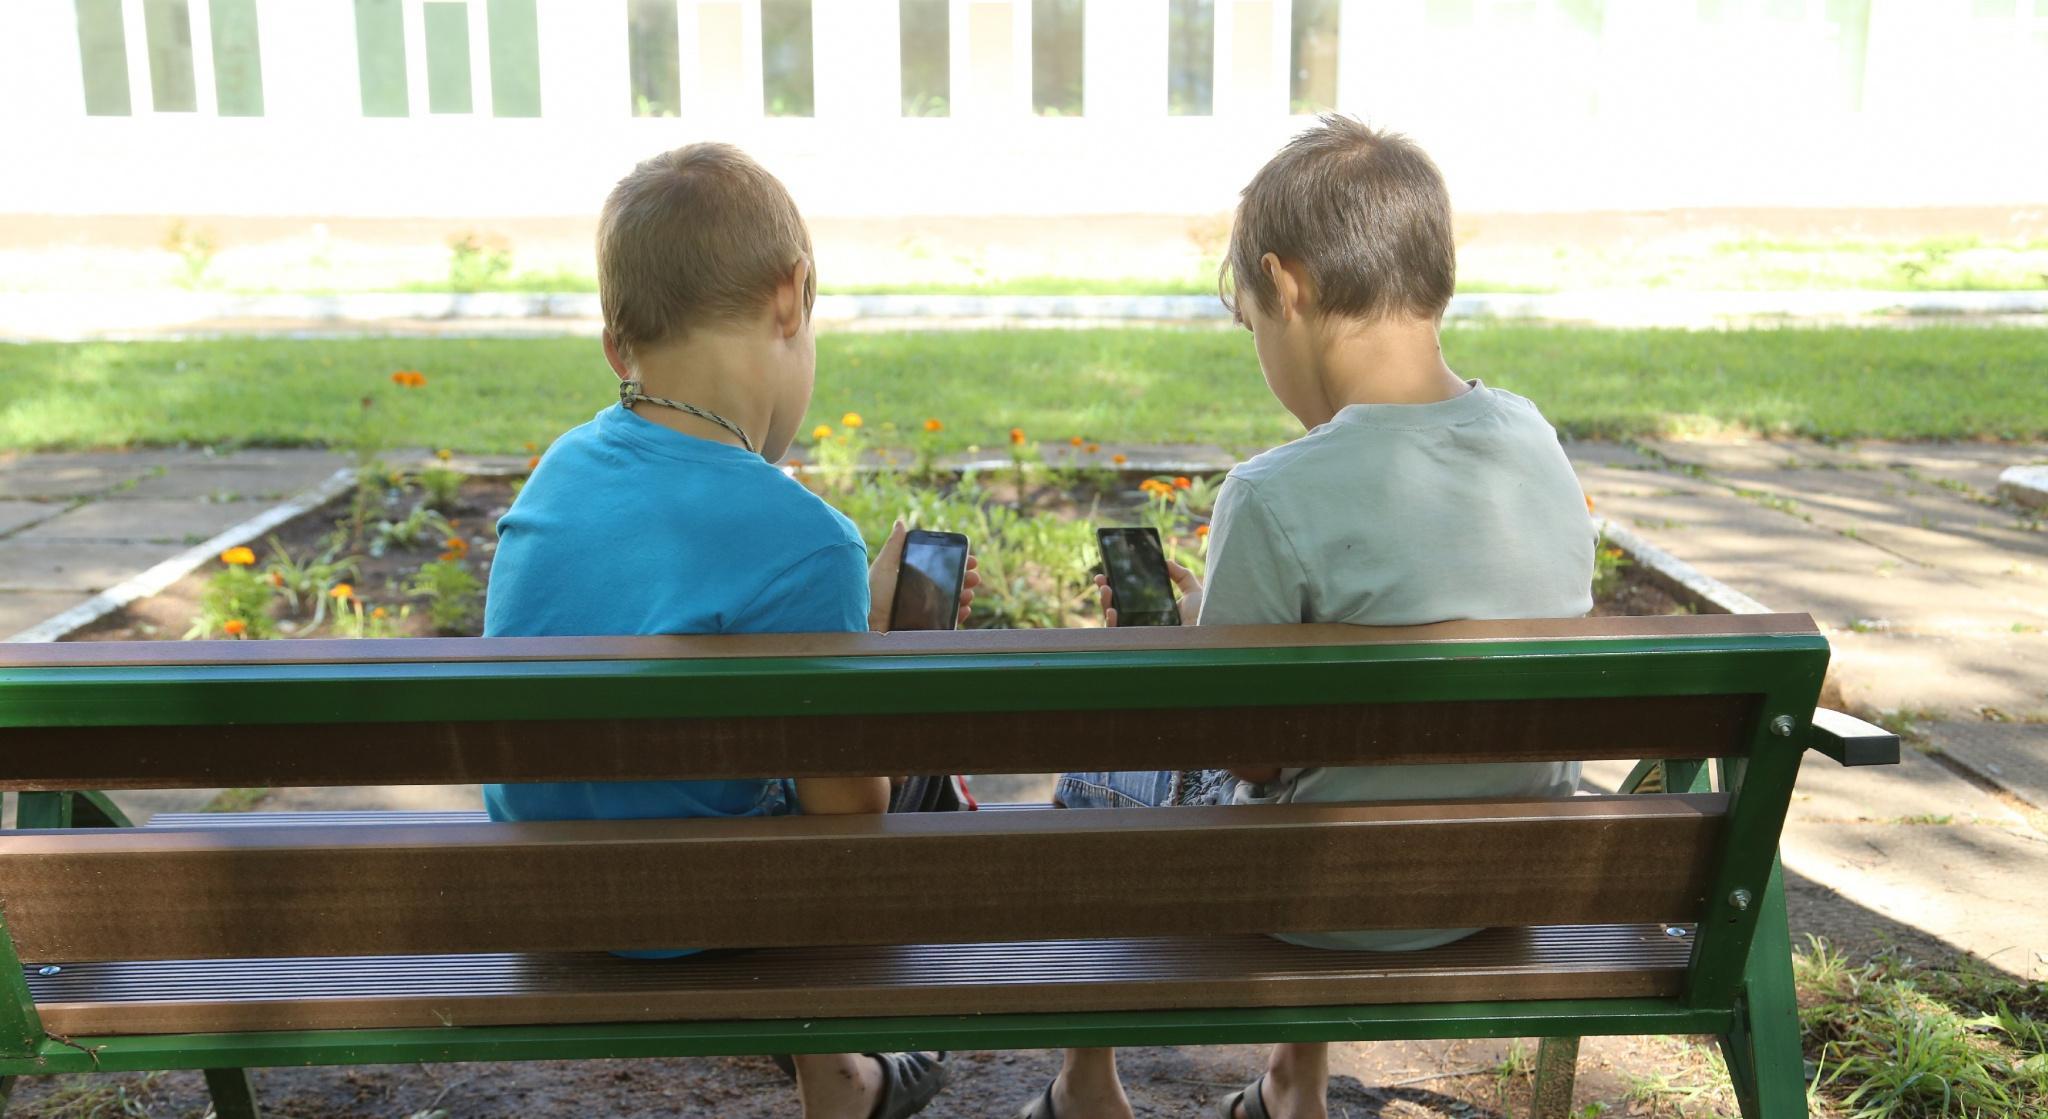 Чепчанка рассказала, что ее маленьким сыновьям в соцсетях предлагают наркотики и присылают откровенные фото